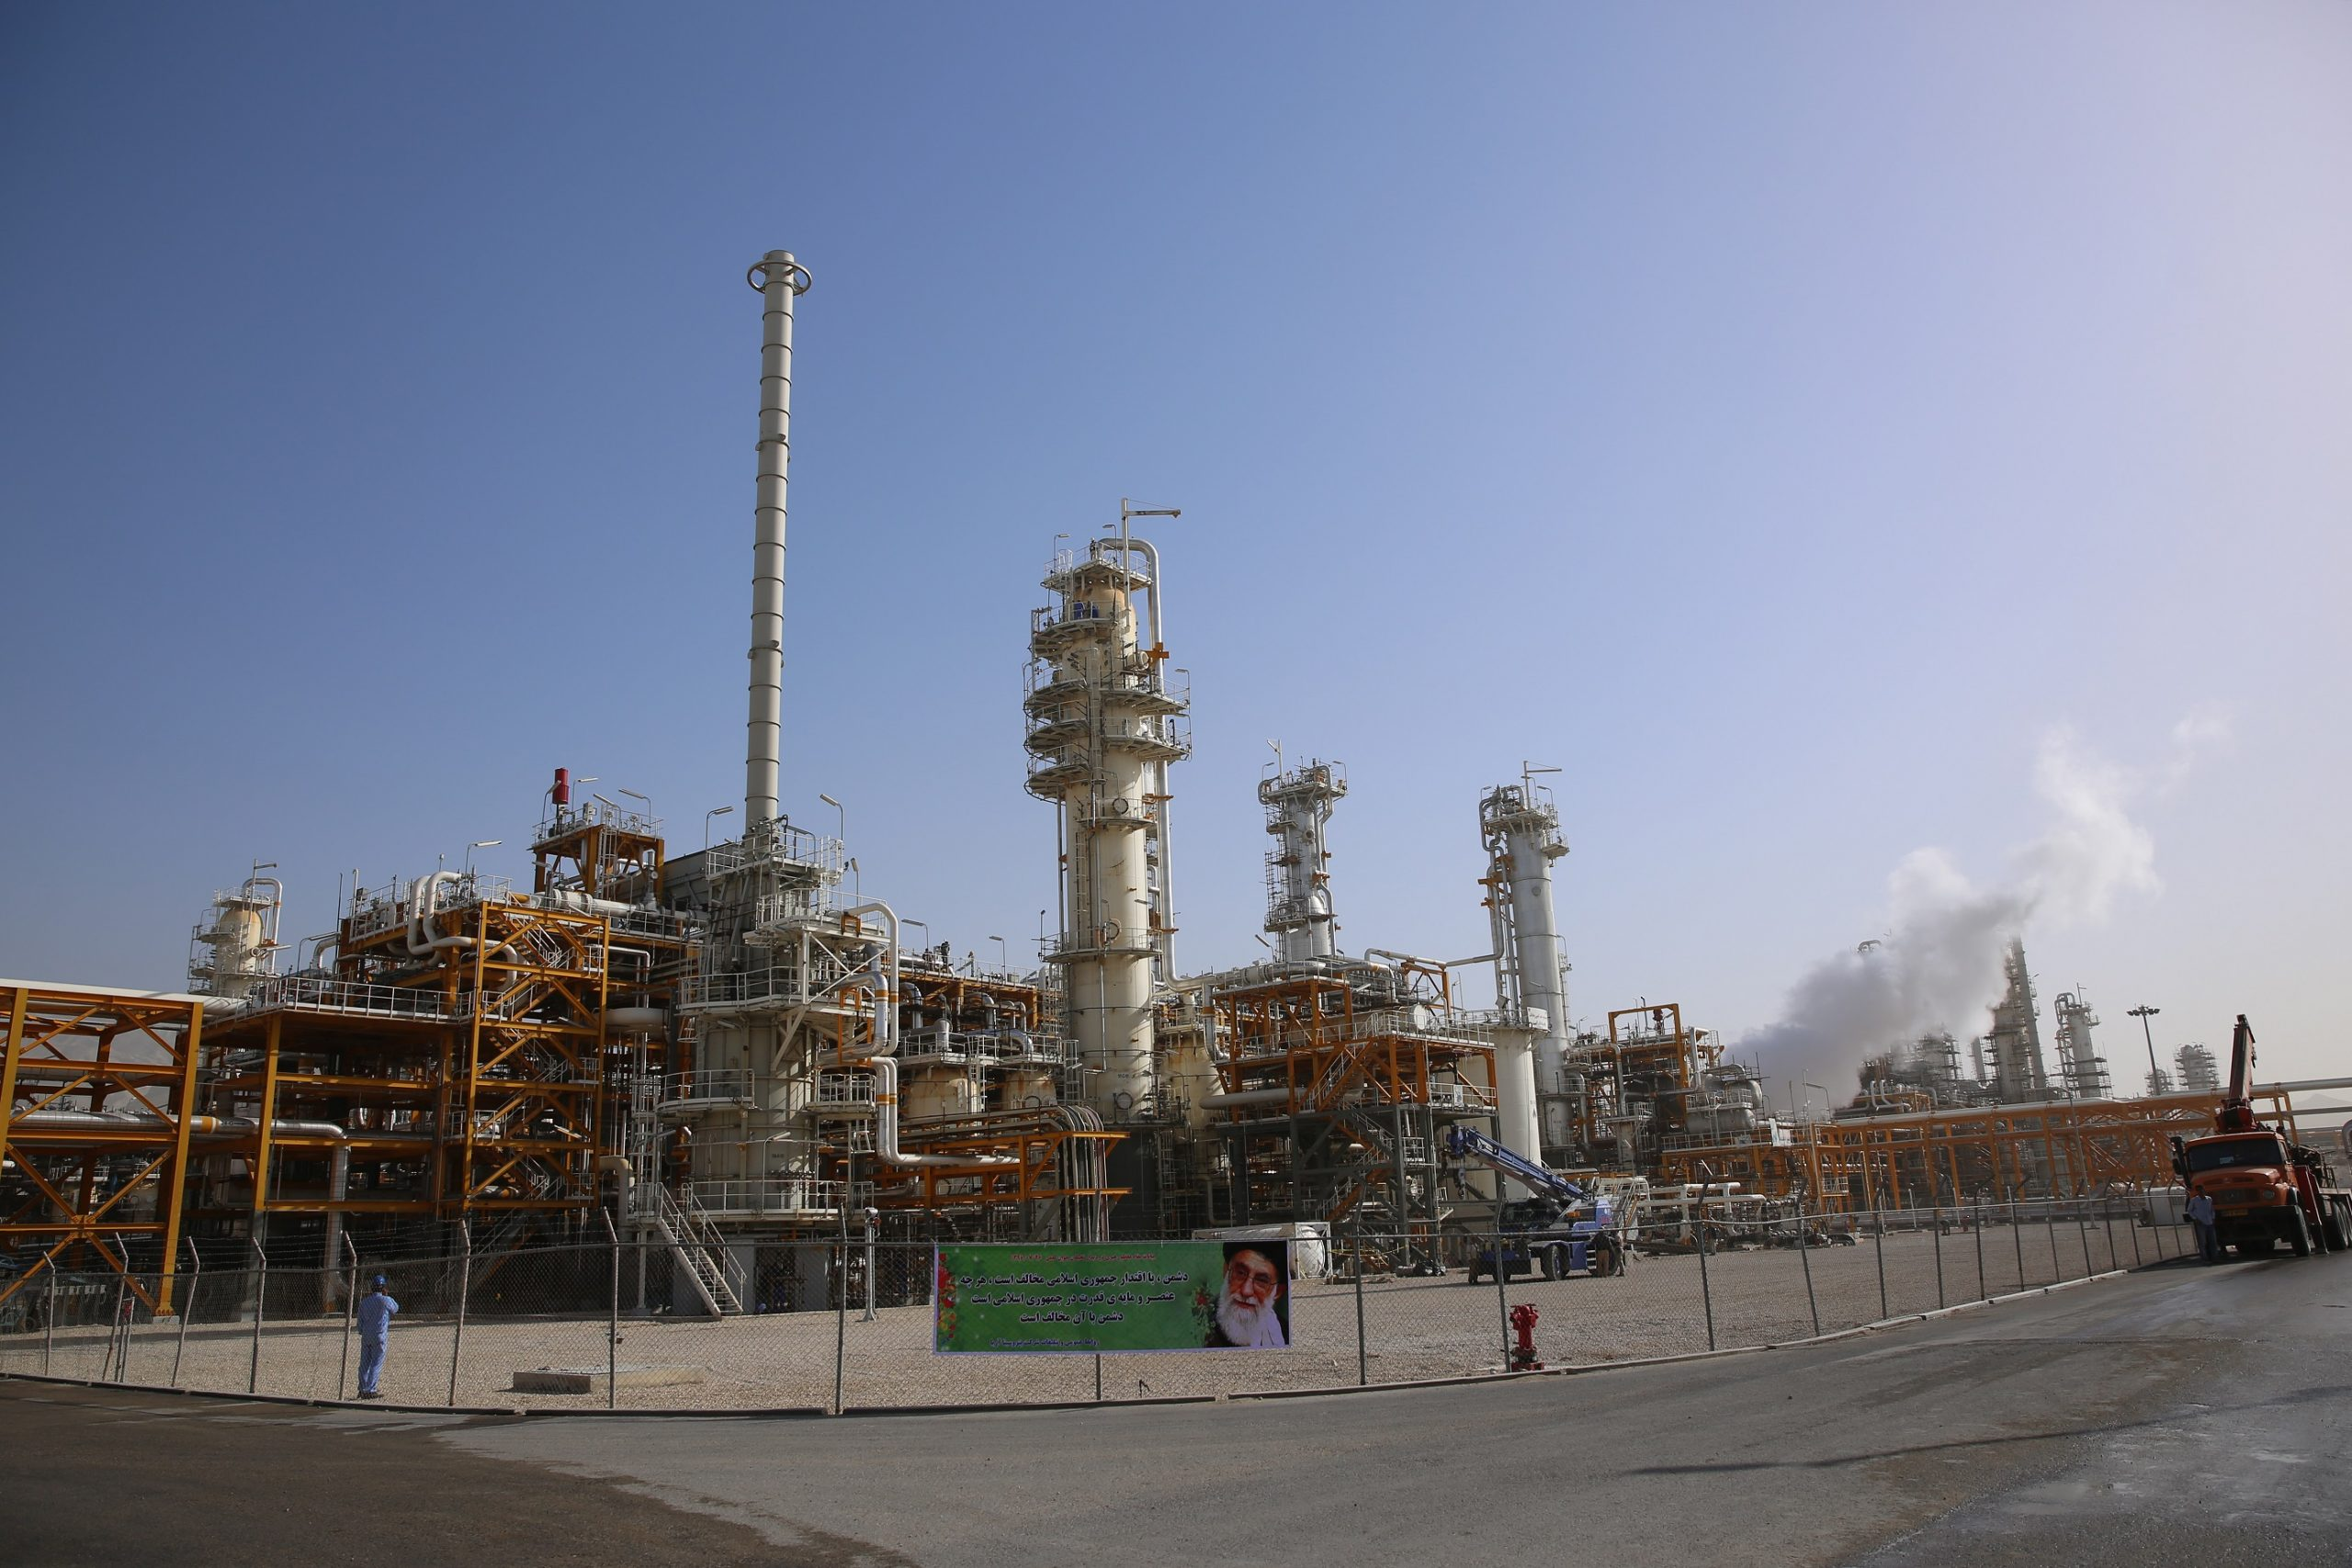 گاز شیرین تزریقشده به خطوط سراسری 10 درصد افزایش یافت